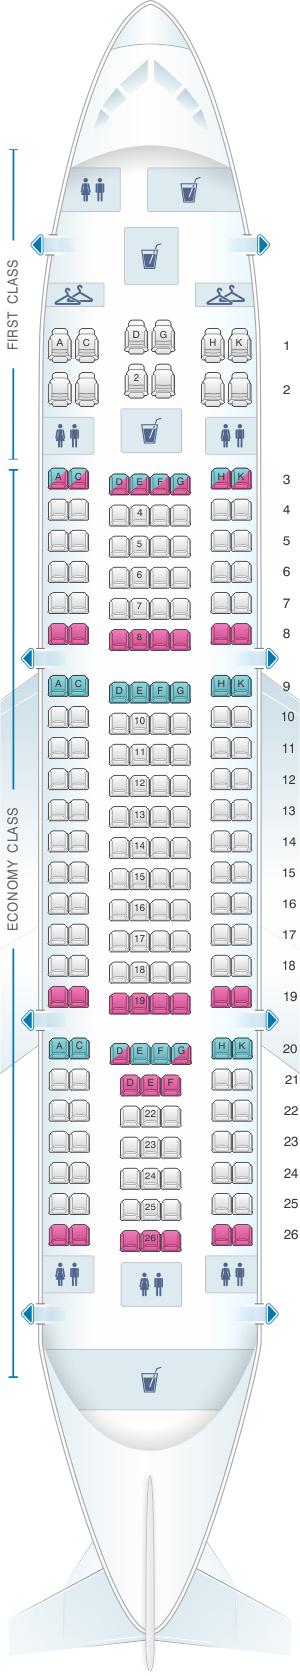 Seat map for Yemenia - Yemen Airways Airbus A310 325 198pax